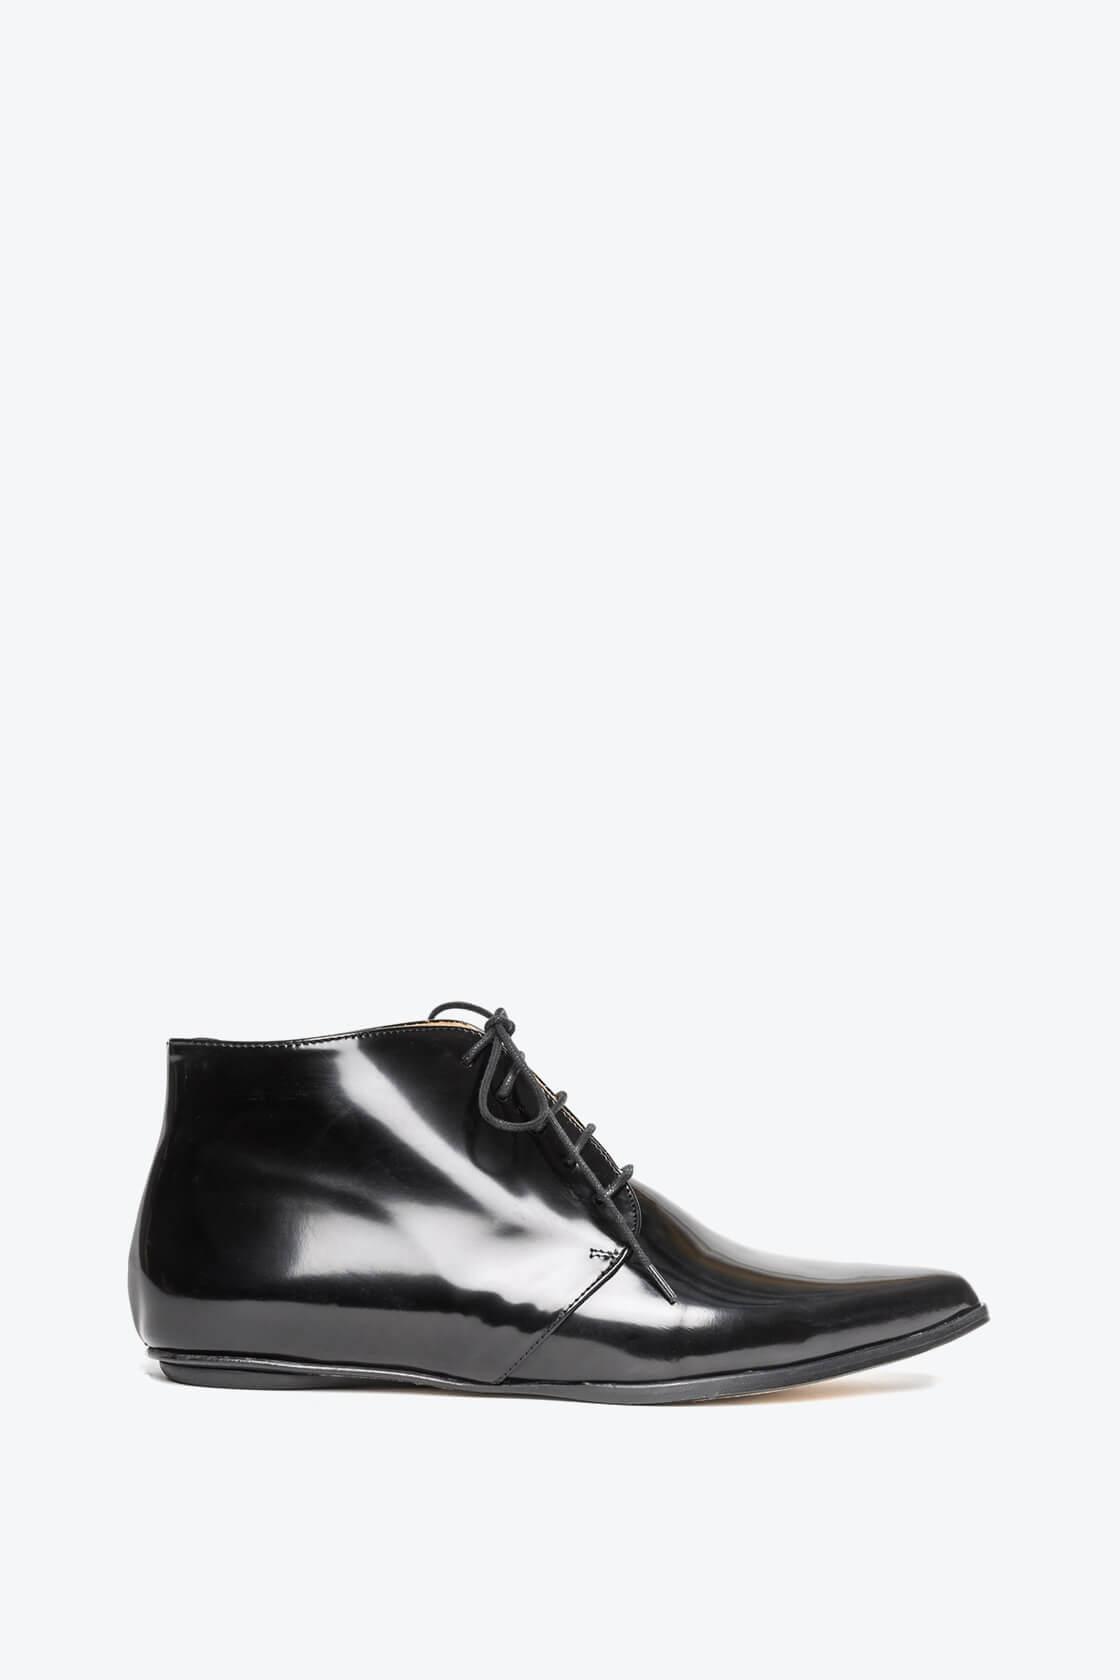 EJK0000050 Merle flat derby shoes black 1